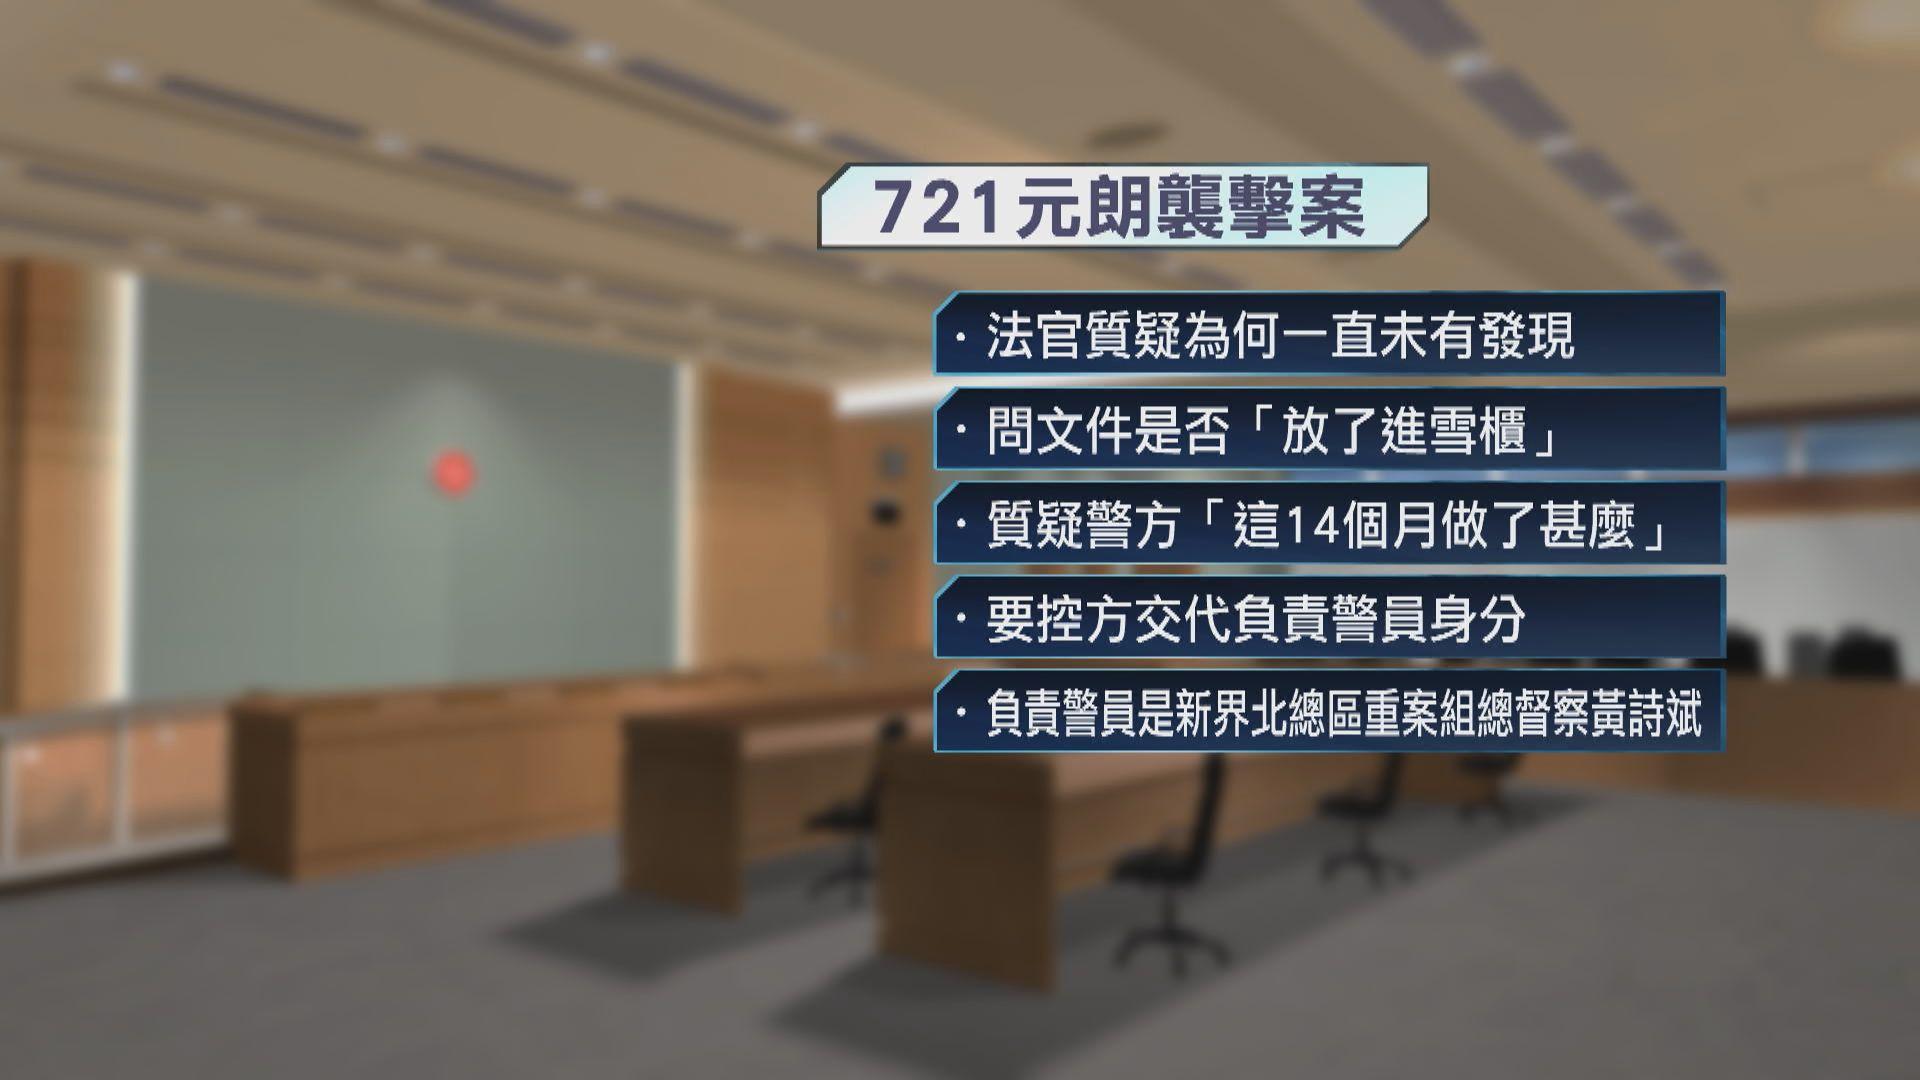 721元朗襲擊案 官斥警方拖延一年多始揭受害人醫療報告出錯